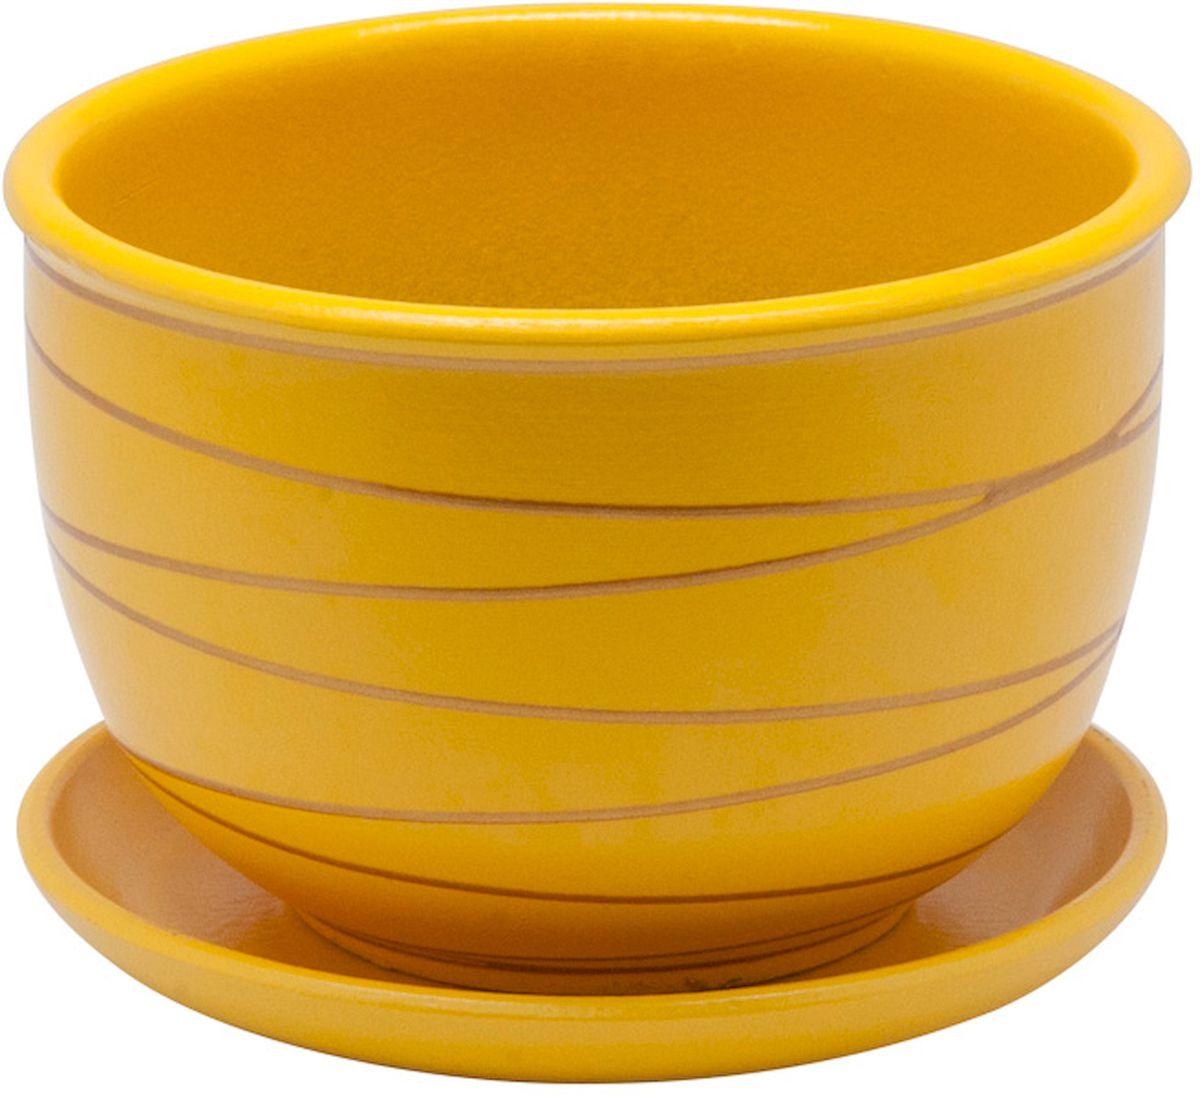 Горшок цветочный Engard, с поддоном, цвет: желтый, 1,05 лBH-25-4Керамический горшок Engard - это идеальное решение для выращивания комнатных растений и создания изысканности в интерьере. Керамический горшок сделан из высококачественной глины в классической форме и оригинальном дизайне.Объем: 1,05 л.